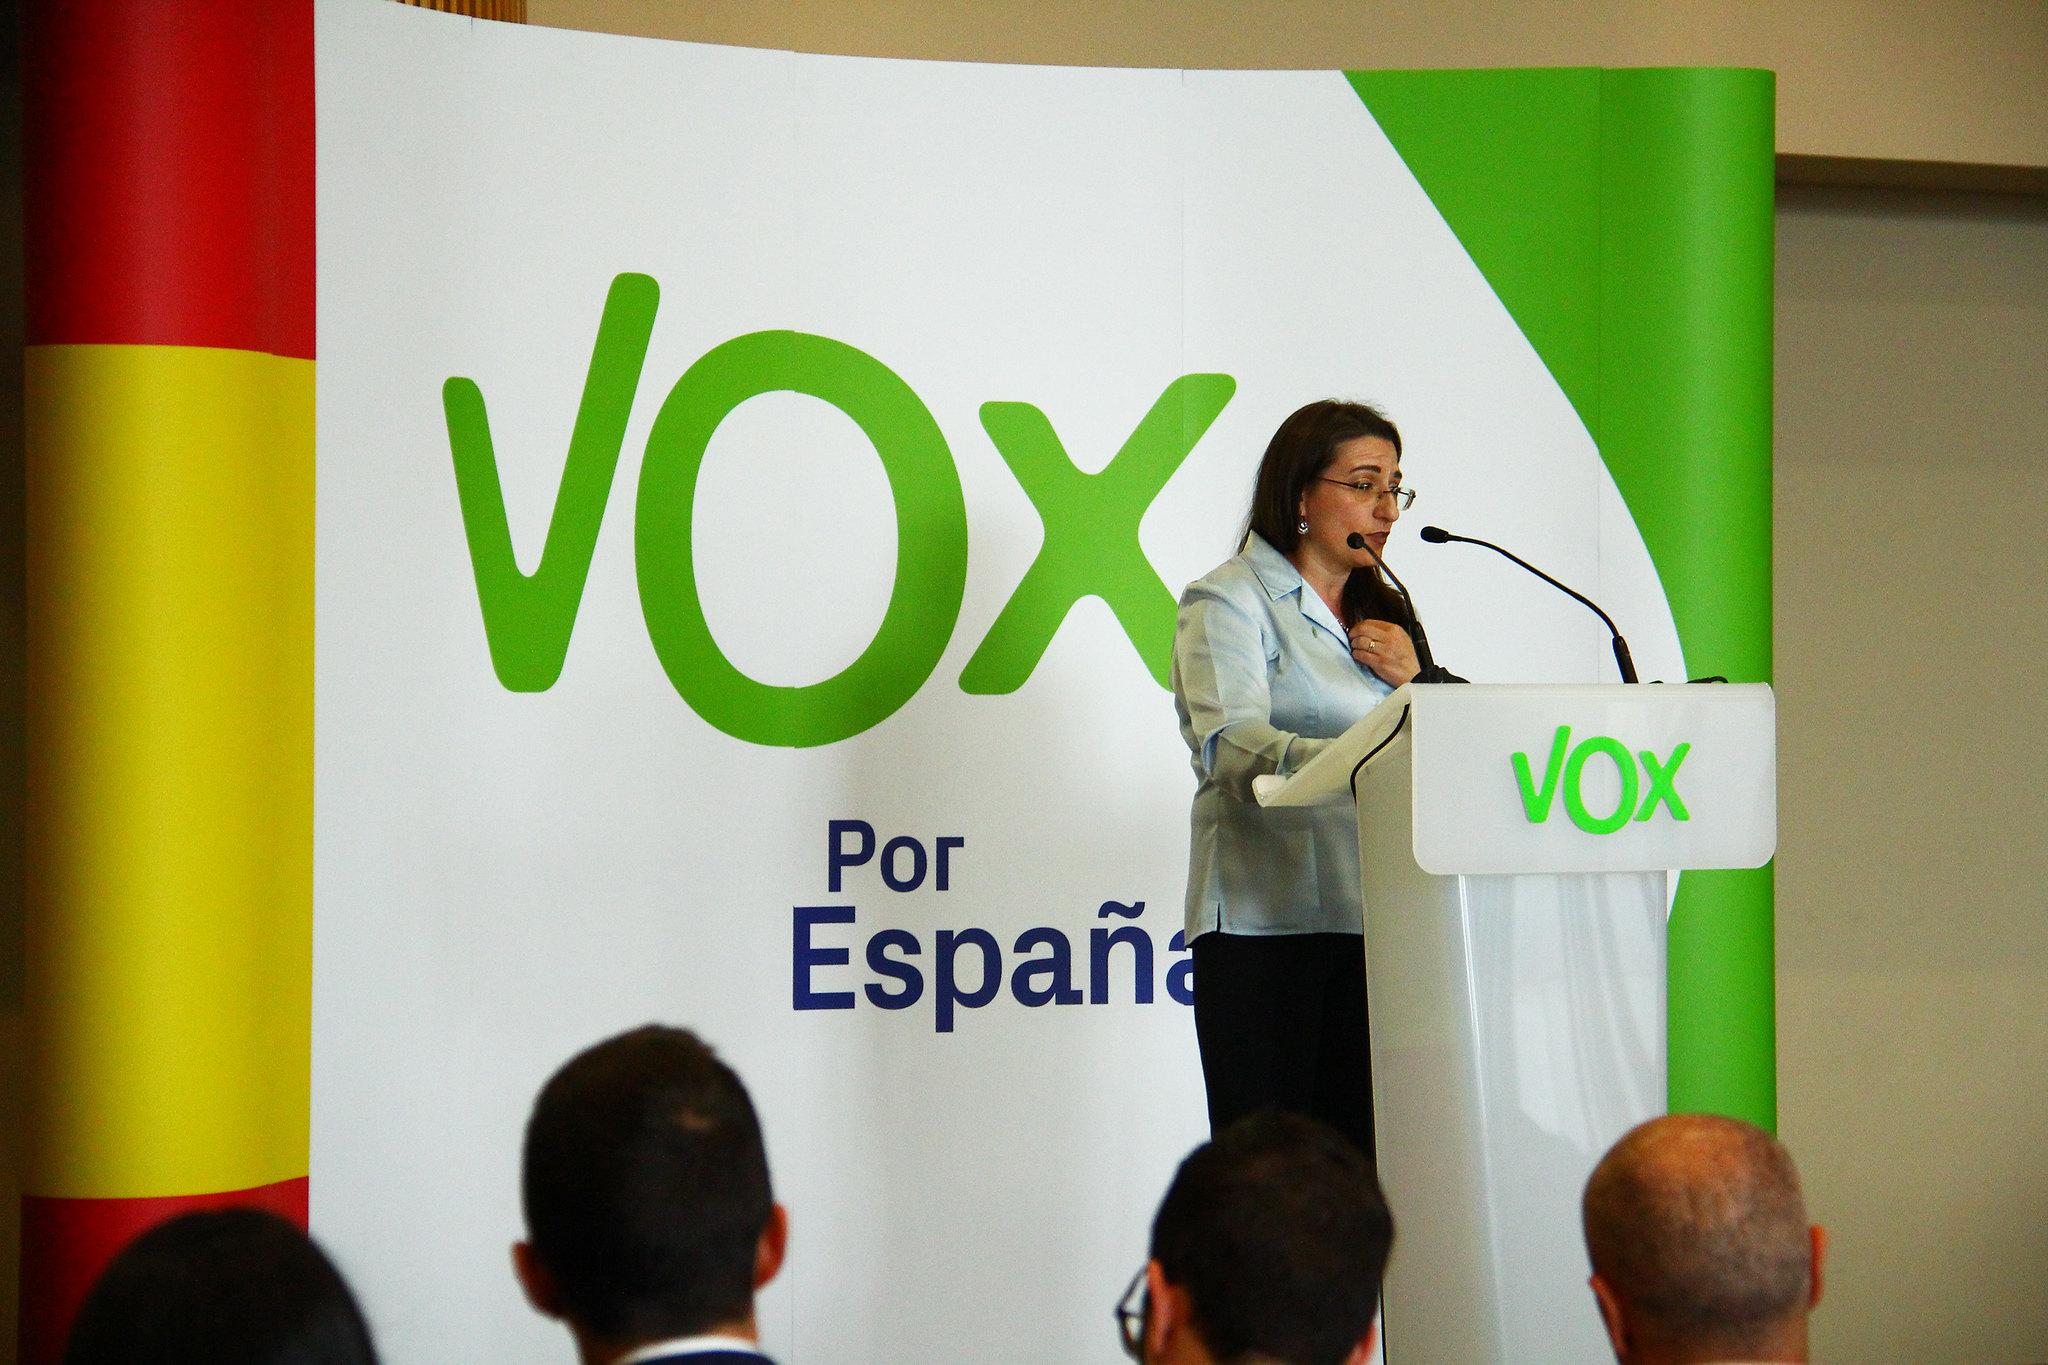 ¿Quién votó a VOX en las elecciones generales de 2019?